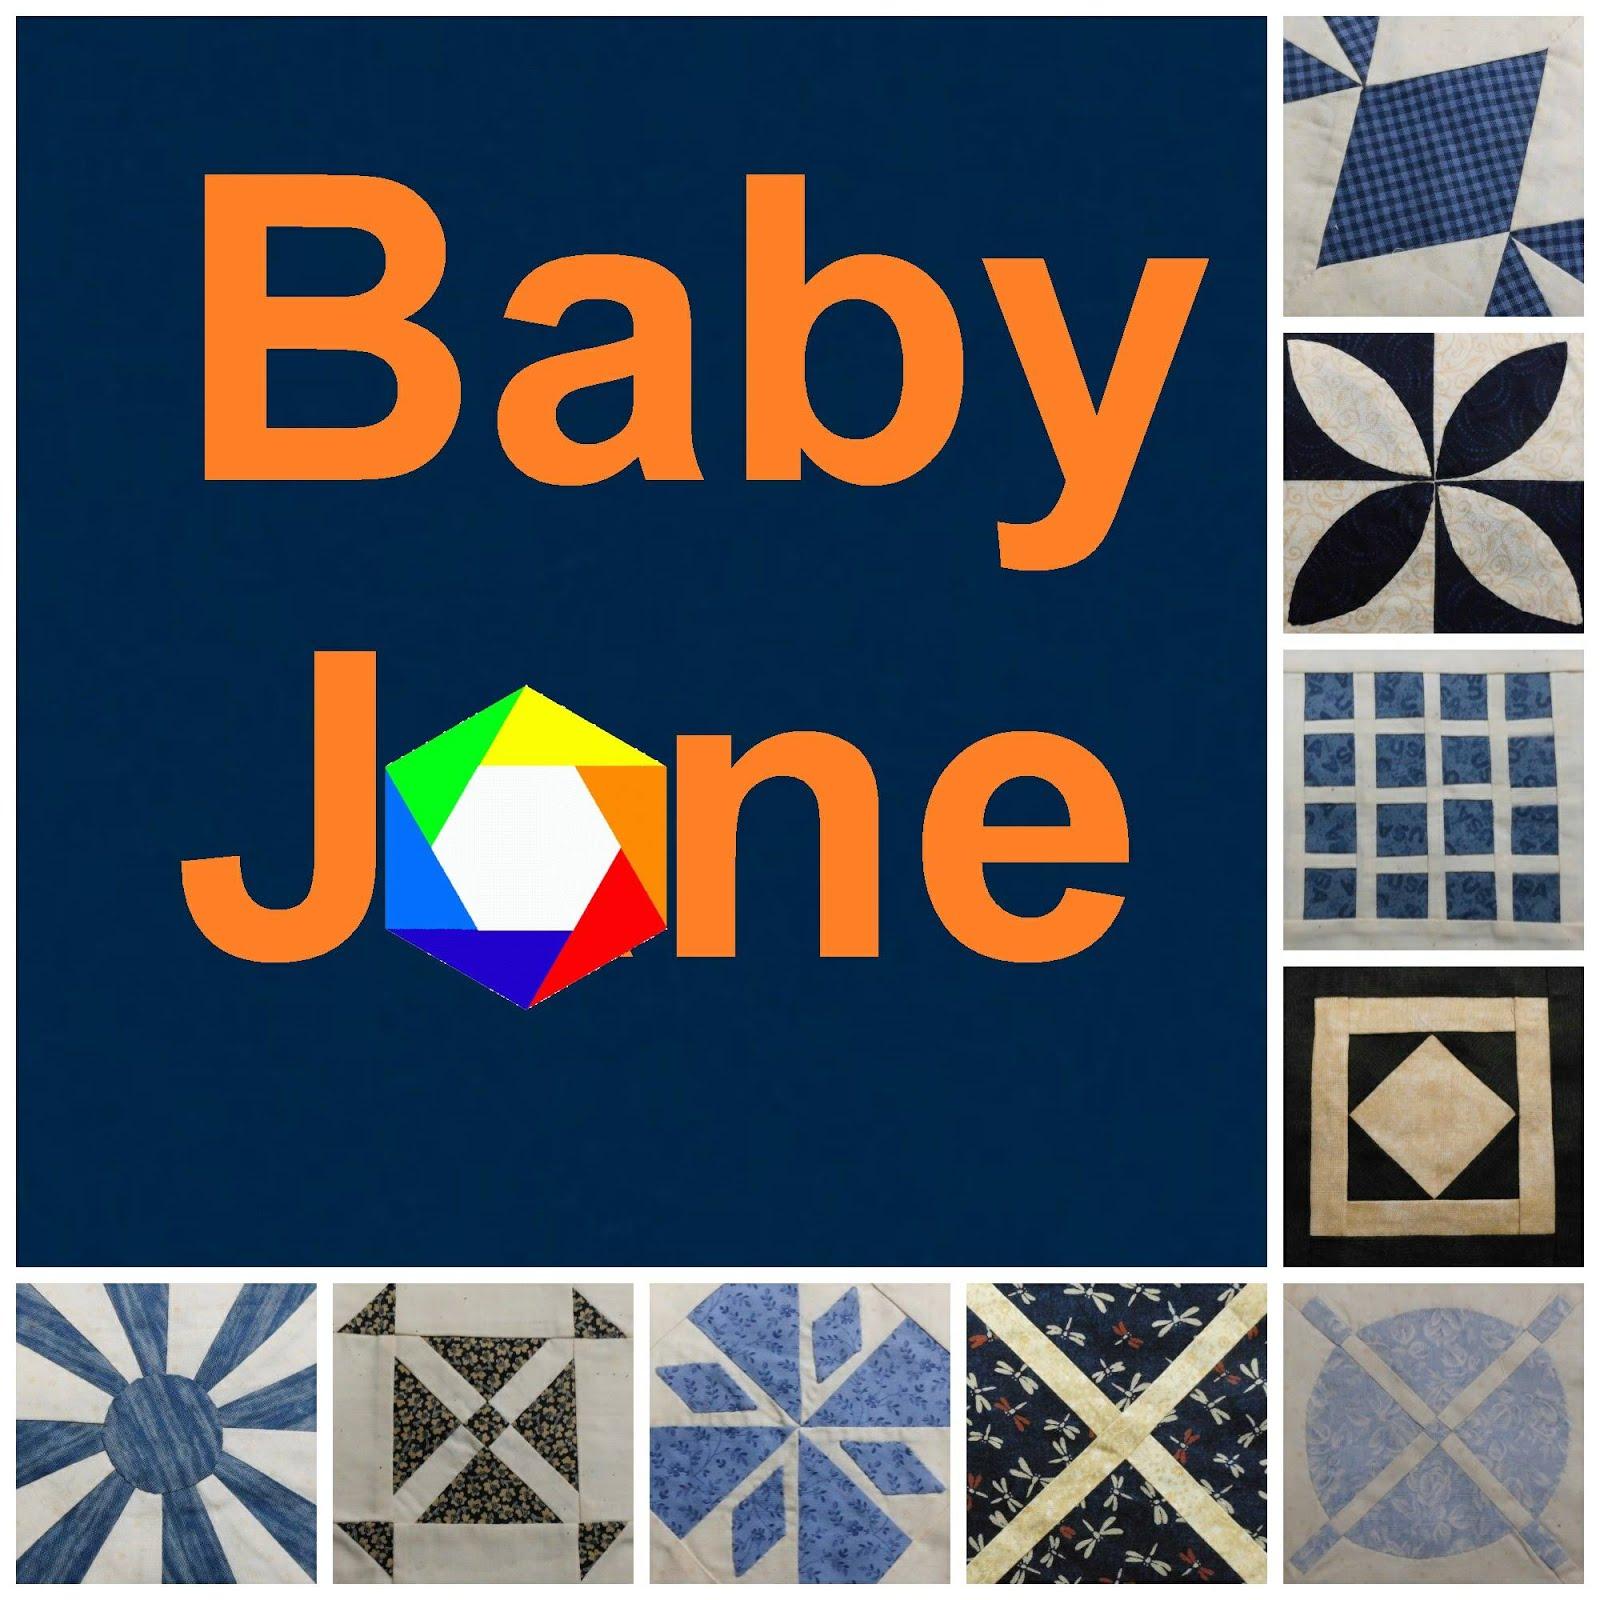 Baby Jane 2016